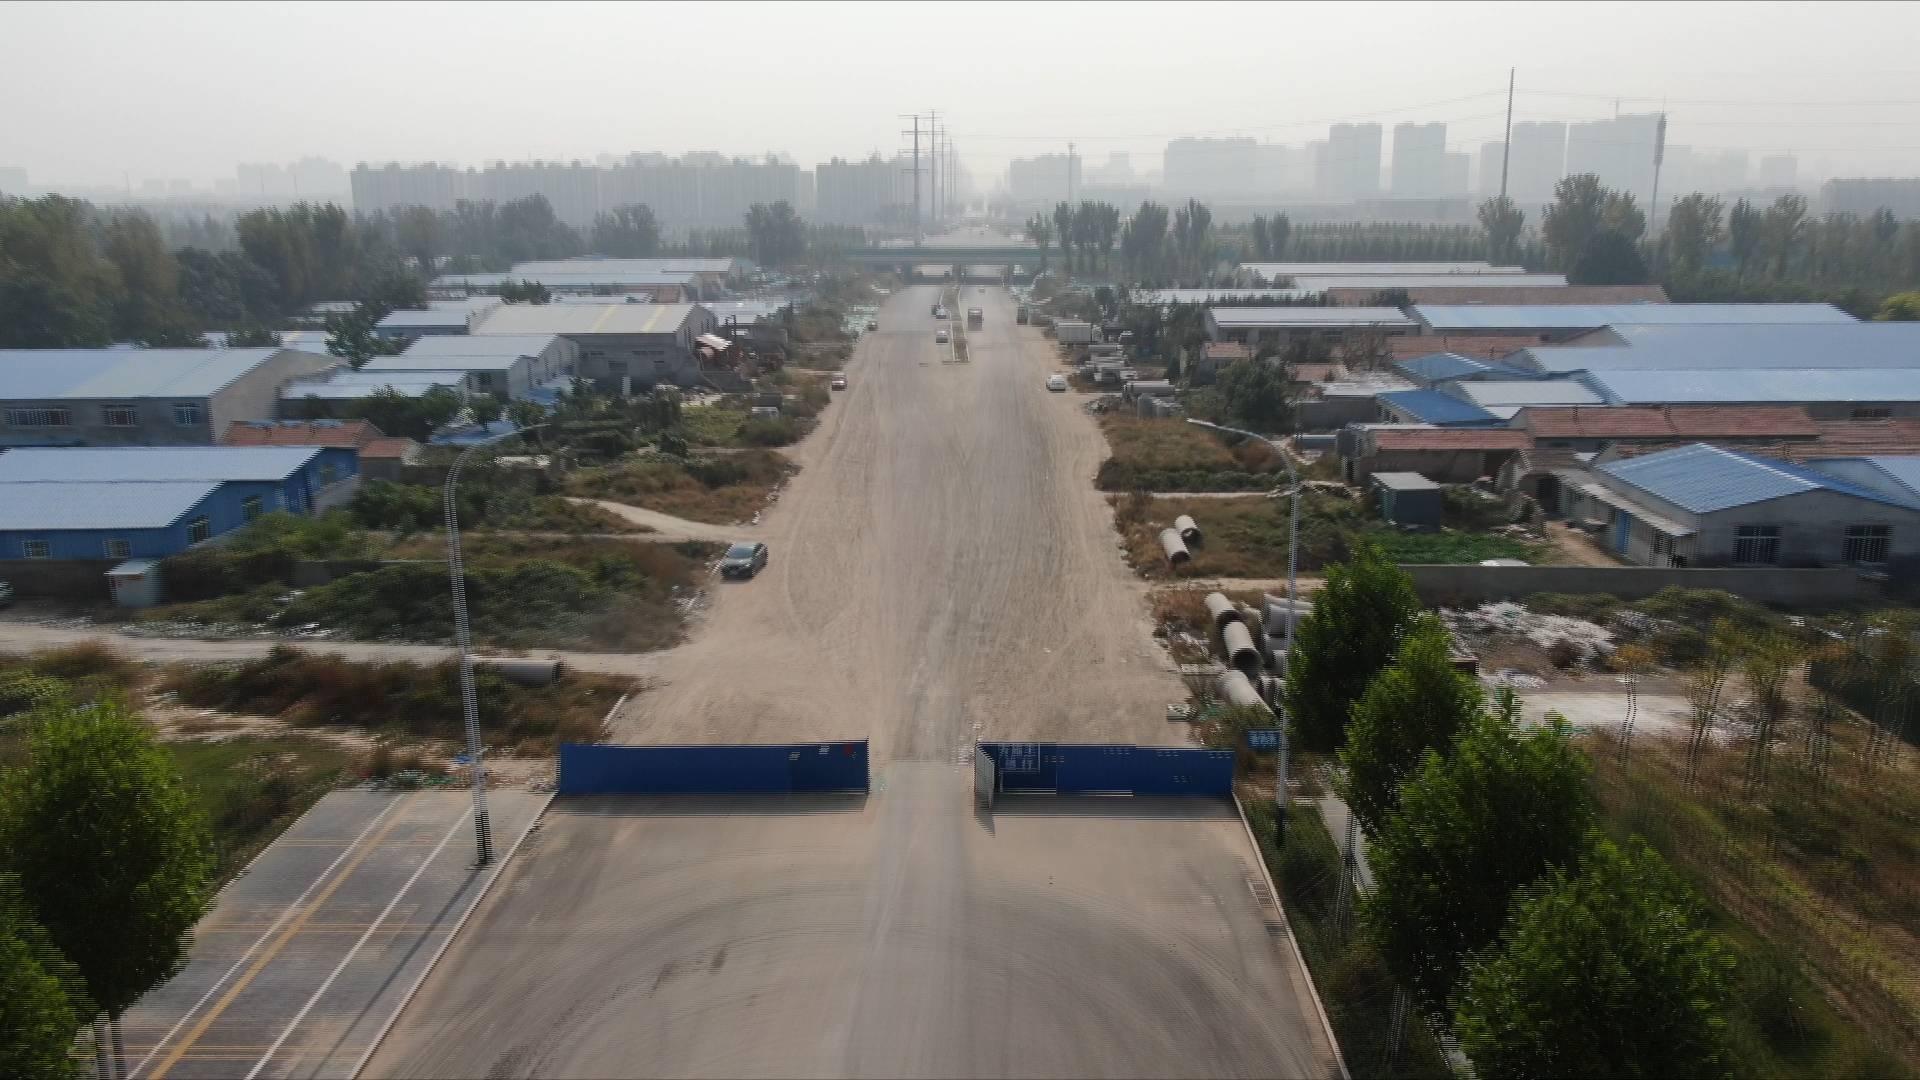 问政山东|因20多米没打通居民要绕行三五公里 潍坊这条道路施工现场变成垃圾场、停车场